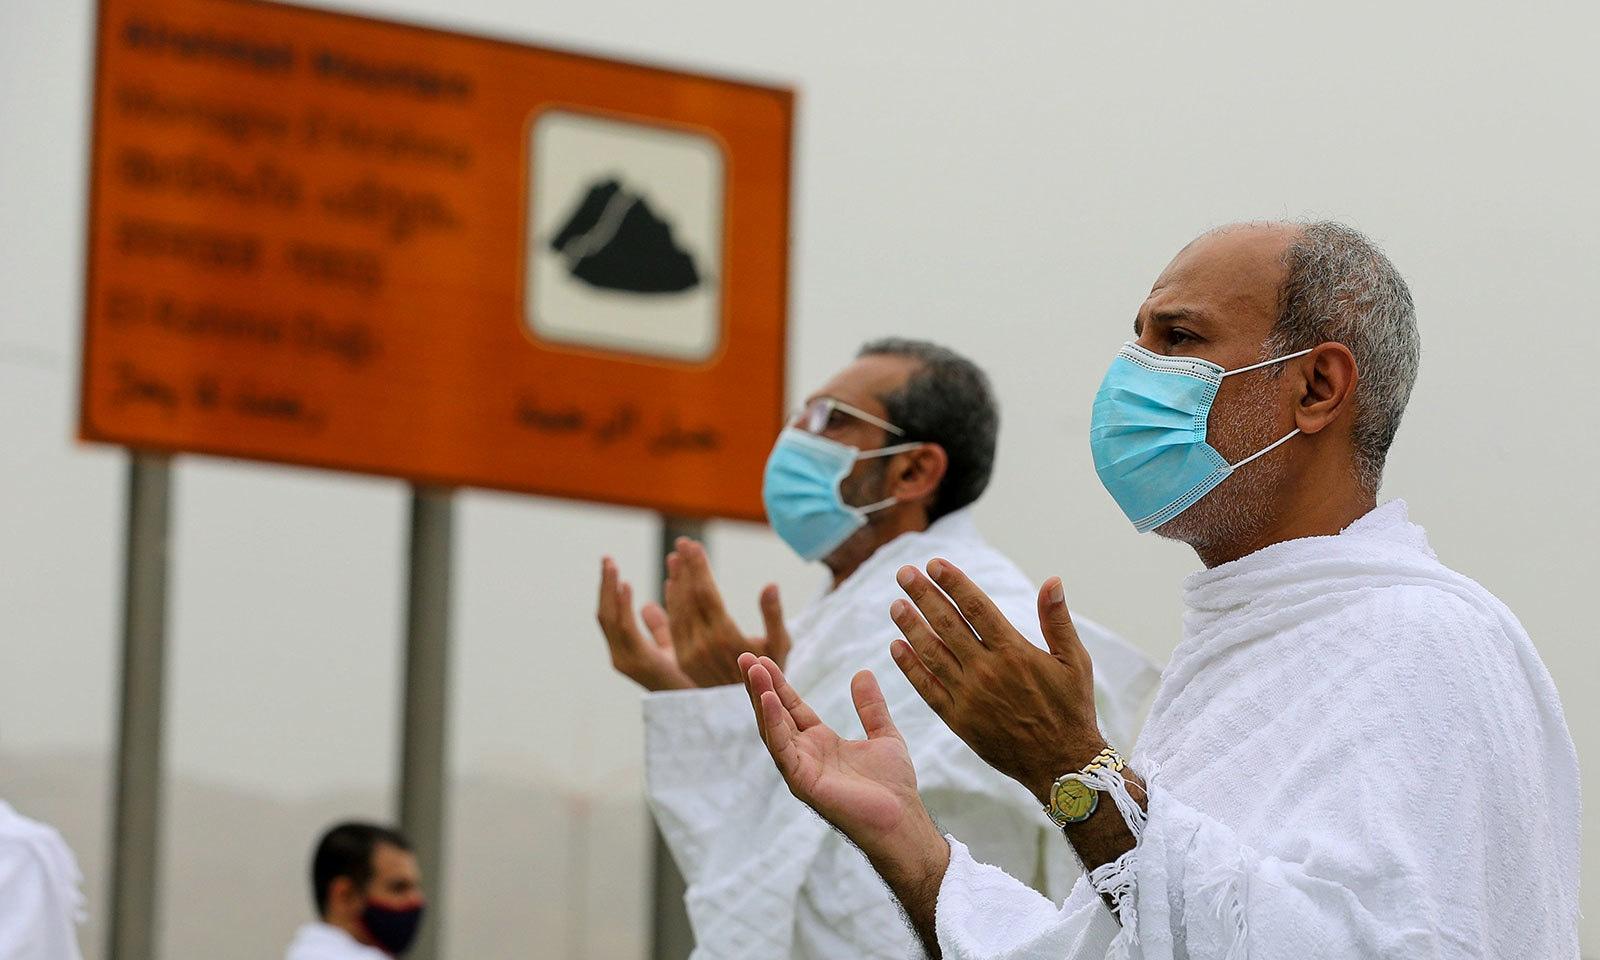 کورونا وائرس کی وجہ سے دوسرا حج بھی محدود پیمانے پر ادا کیا گیا — فوٹو:رائٹرز